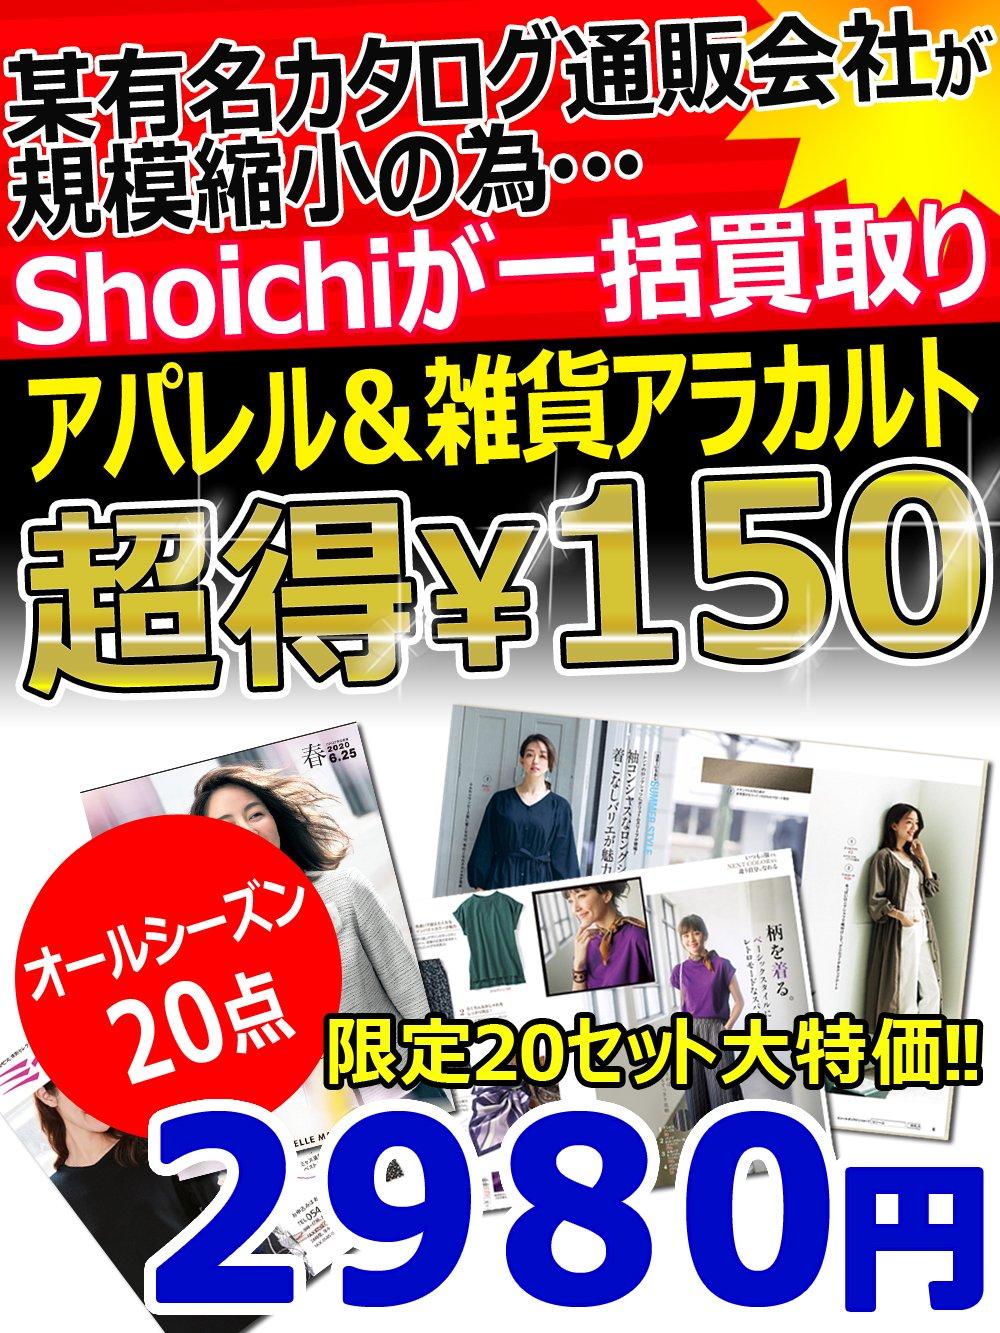 【某有名カタログ通販会社が規模縮小の為Shoichiが一括買取り】アパレル&雑貨超得アラカルト!@150【20枚入】